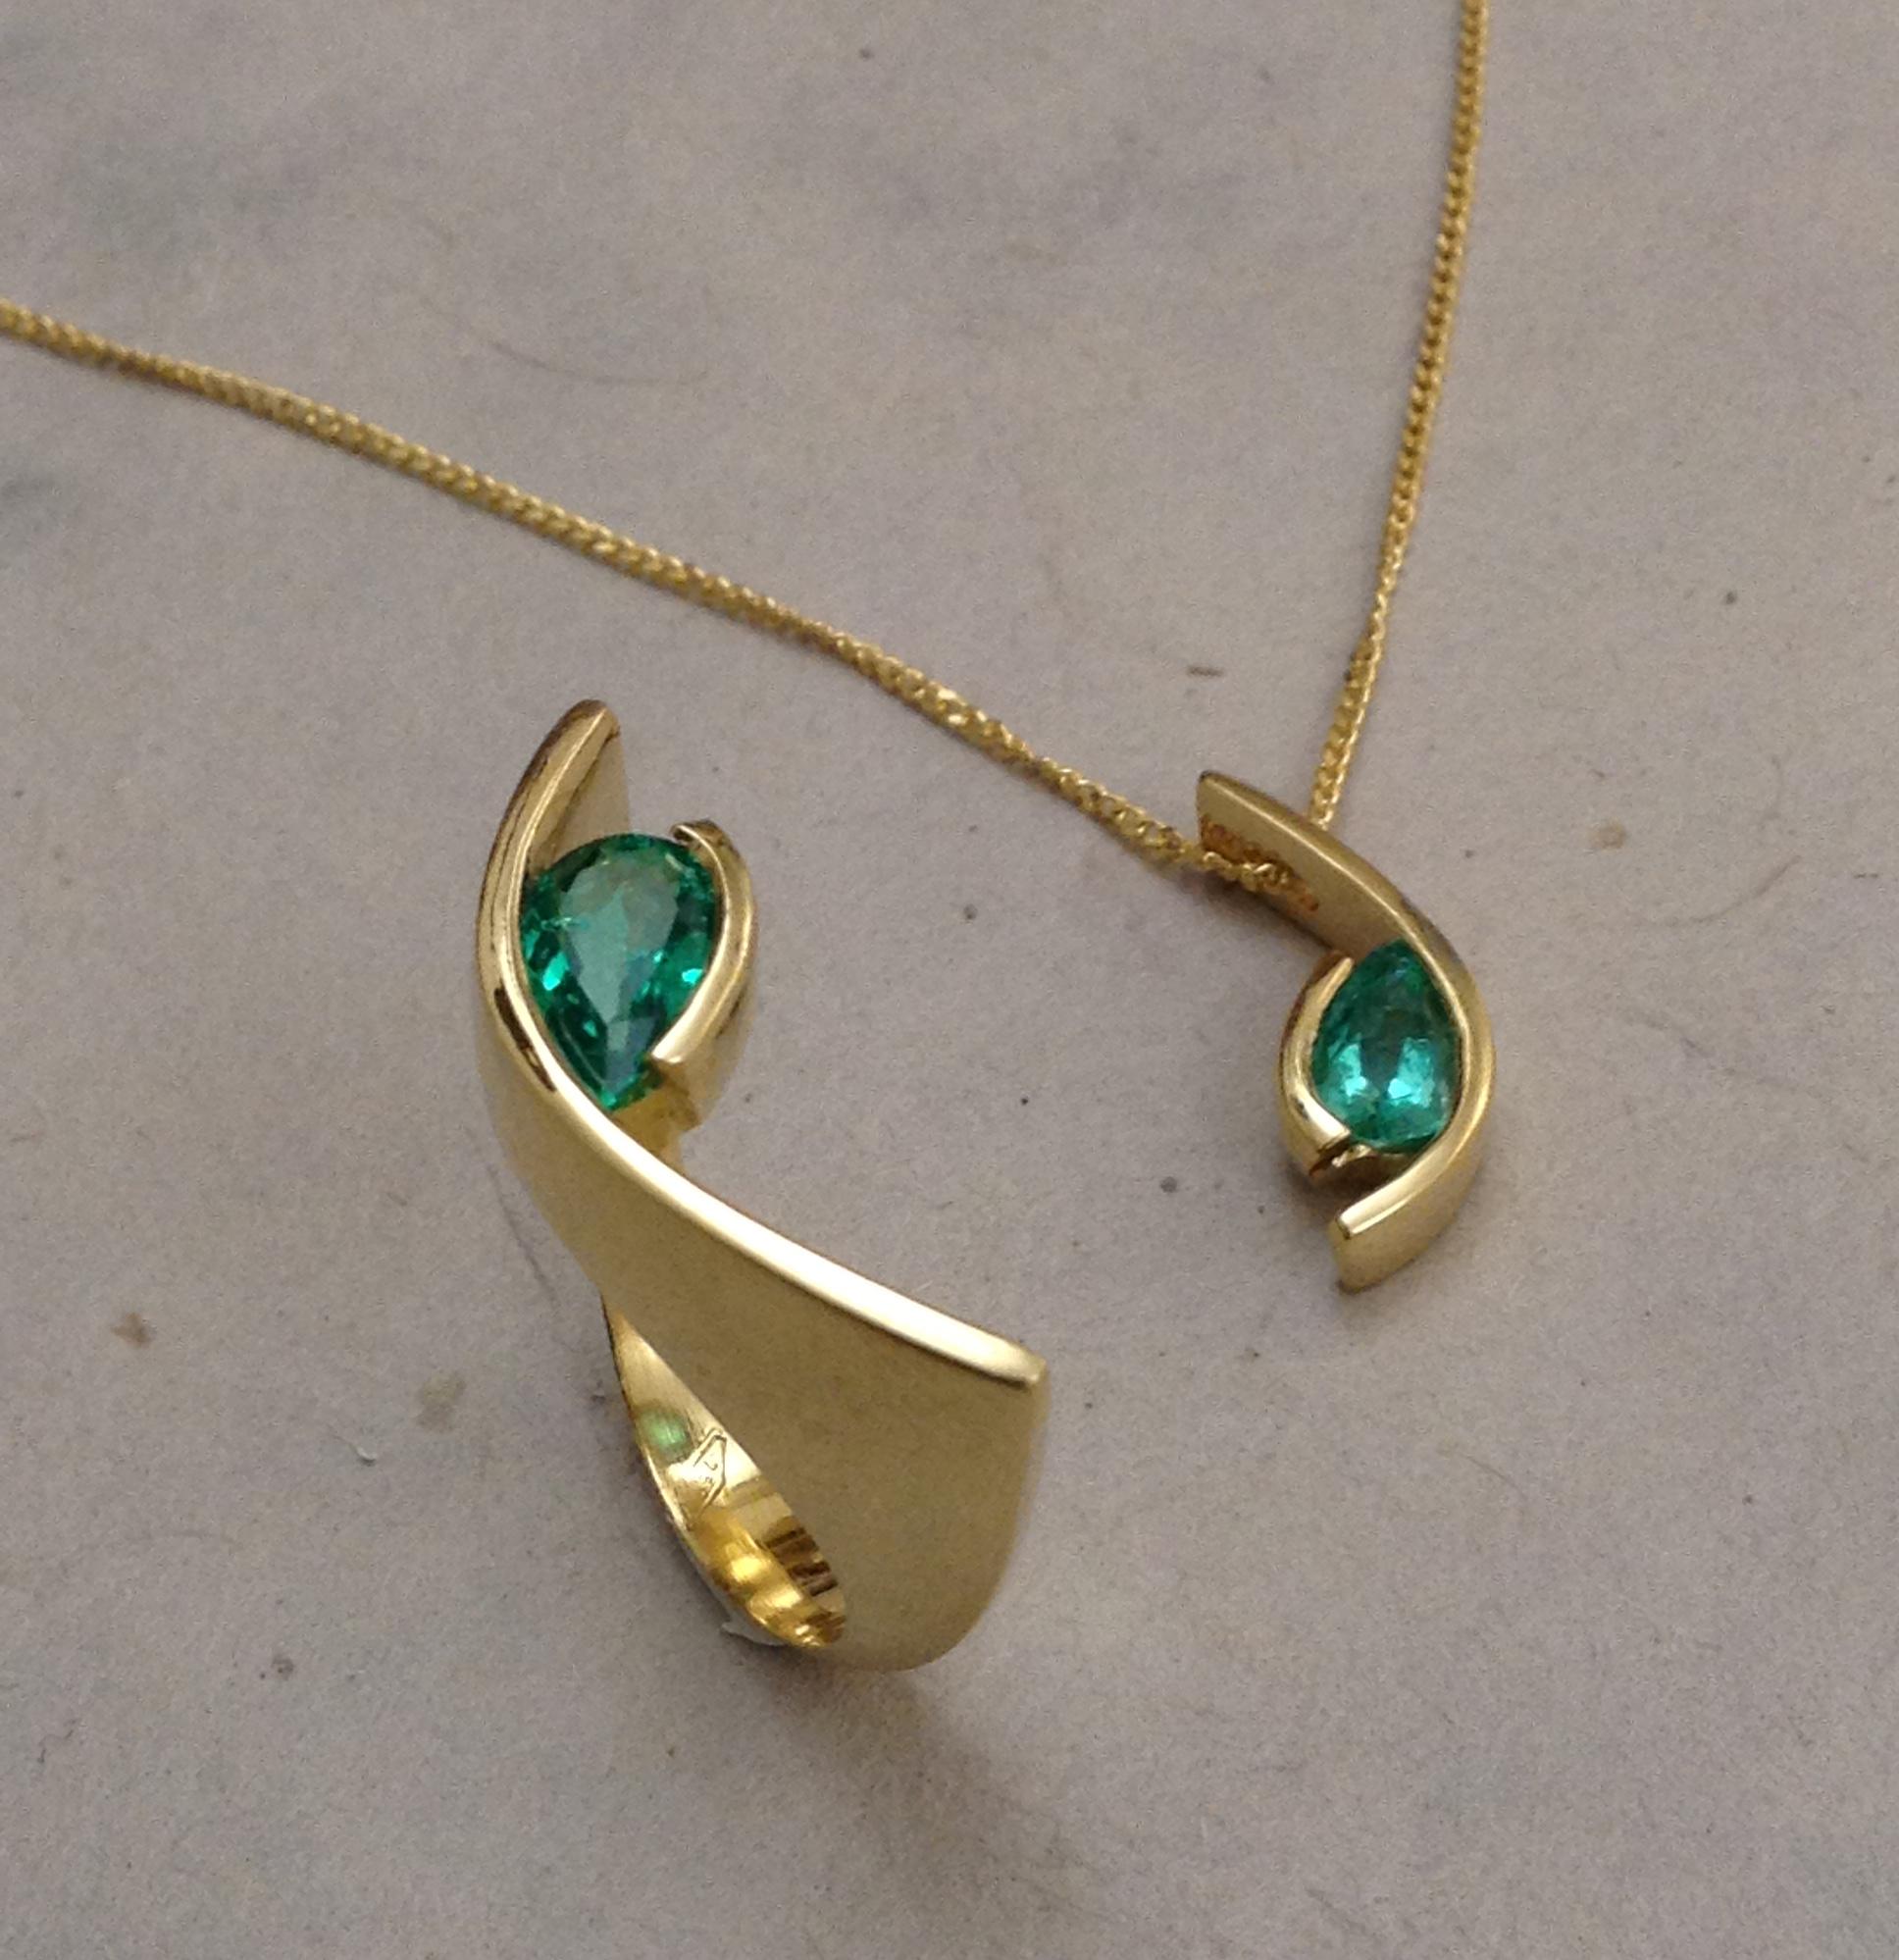 Ciondolo e anello in oro giallo e smeraldi taglio a goccia